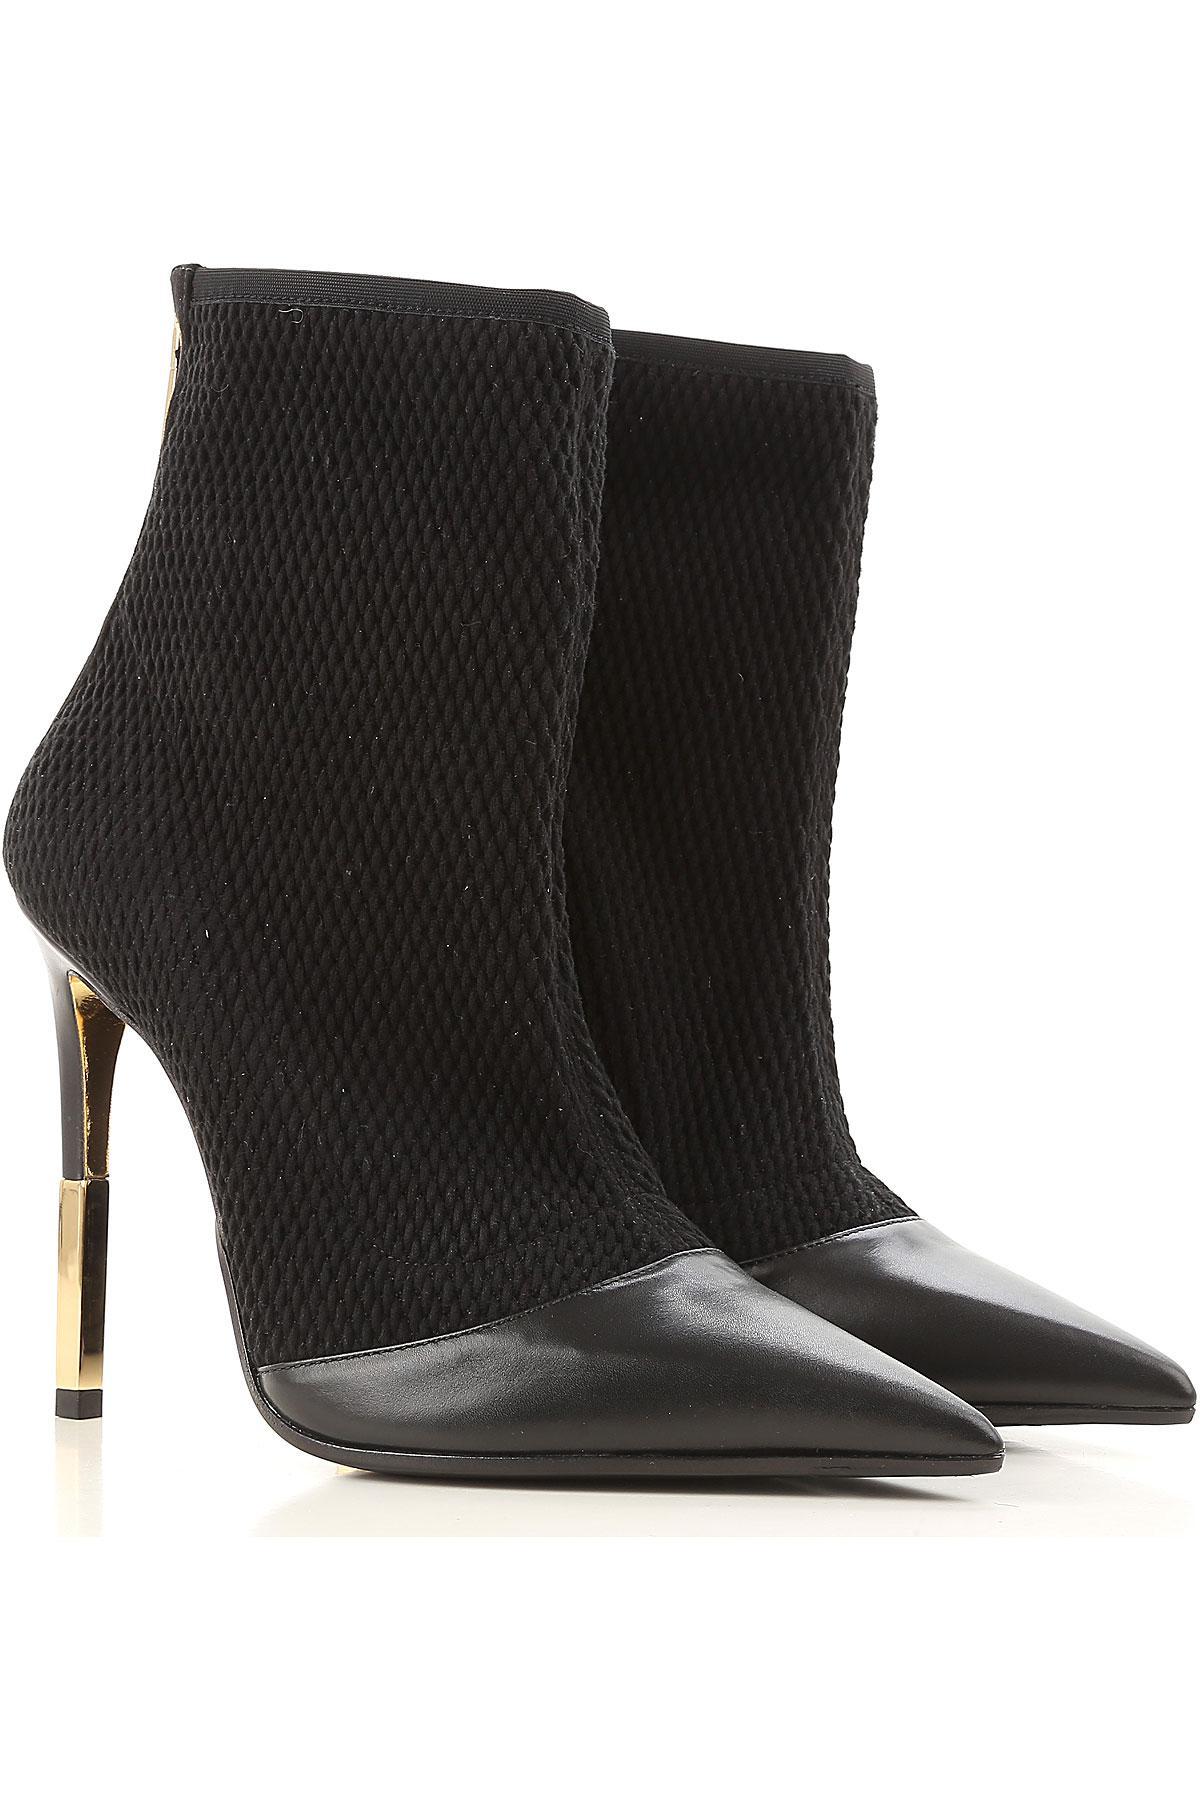 0ec8b27703 Balmain Boots For Women in Black - Lyst